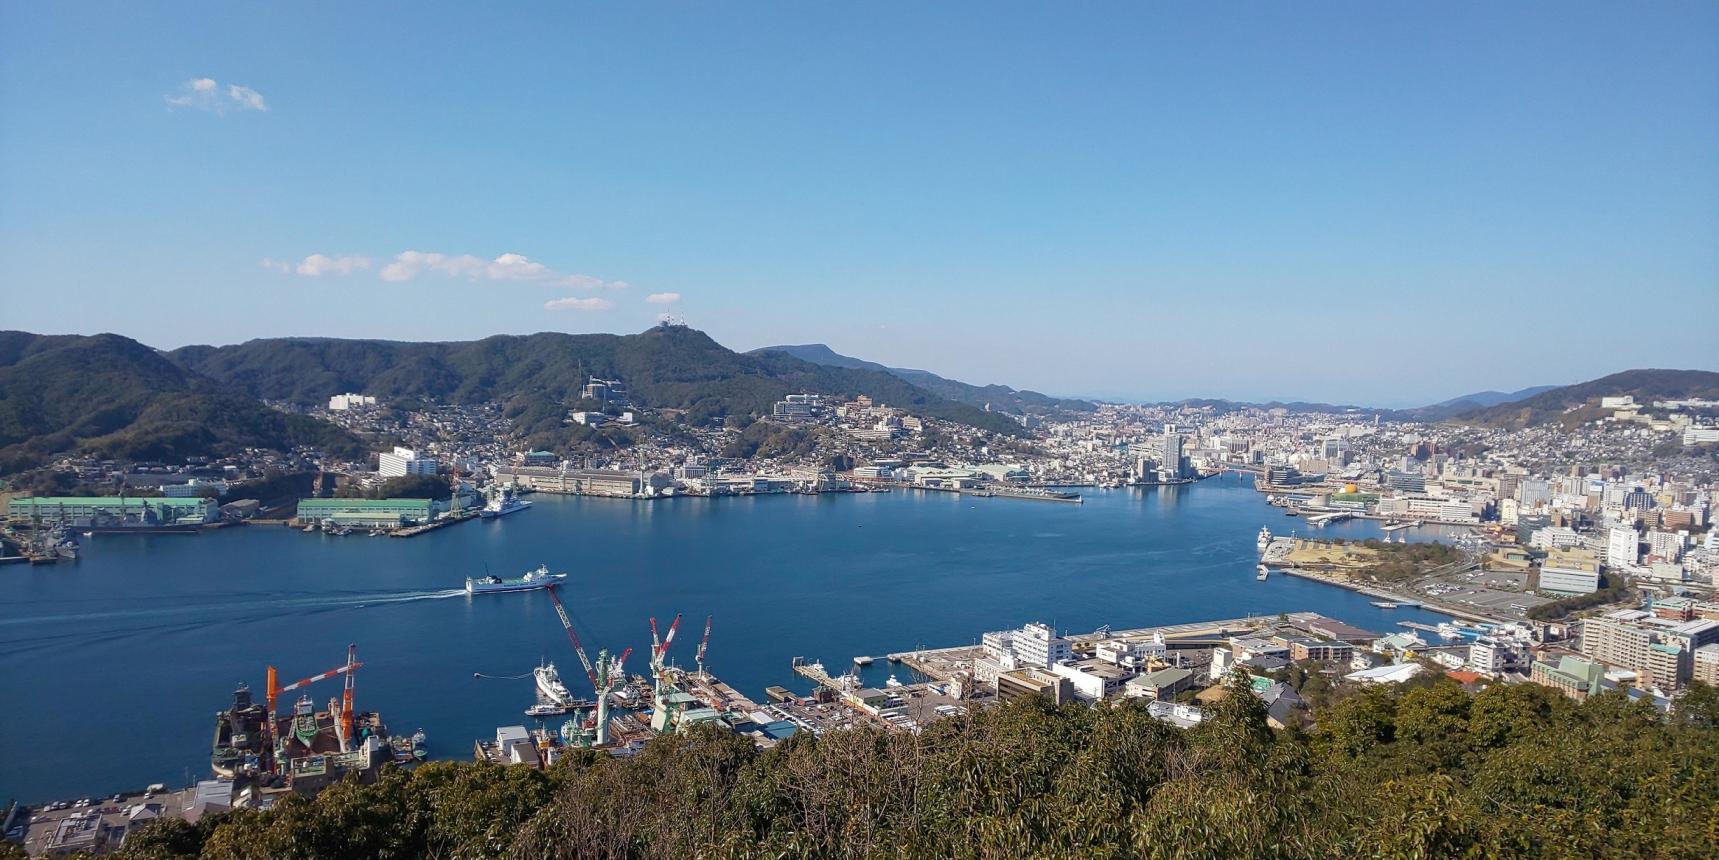 長崎港の概要  Nagasaki Port-0